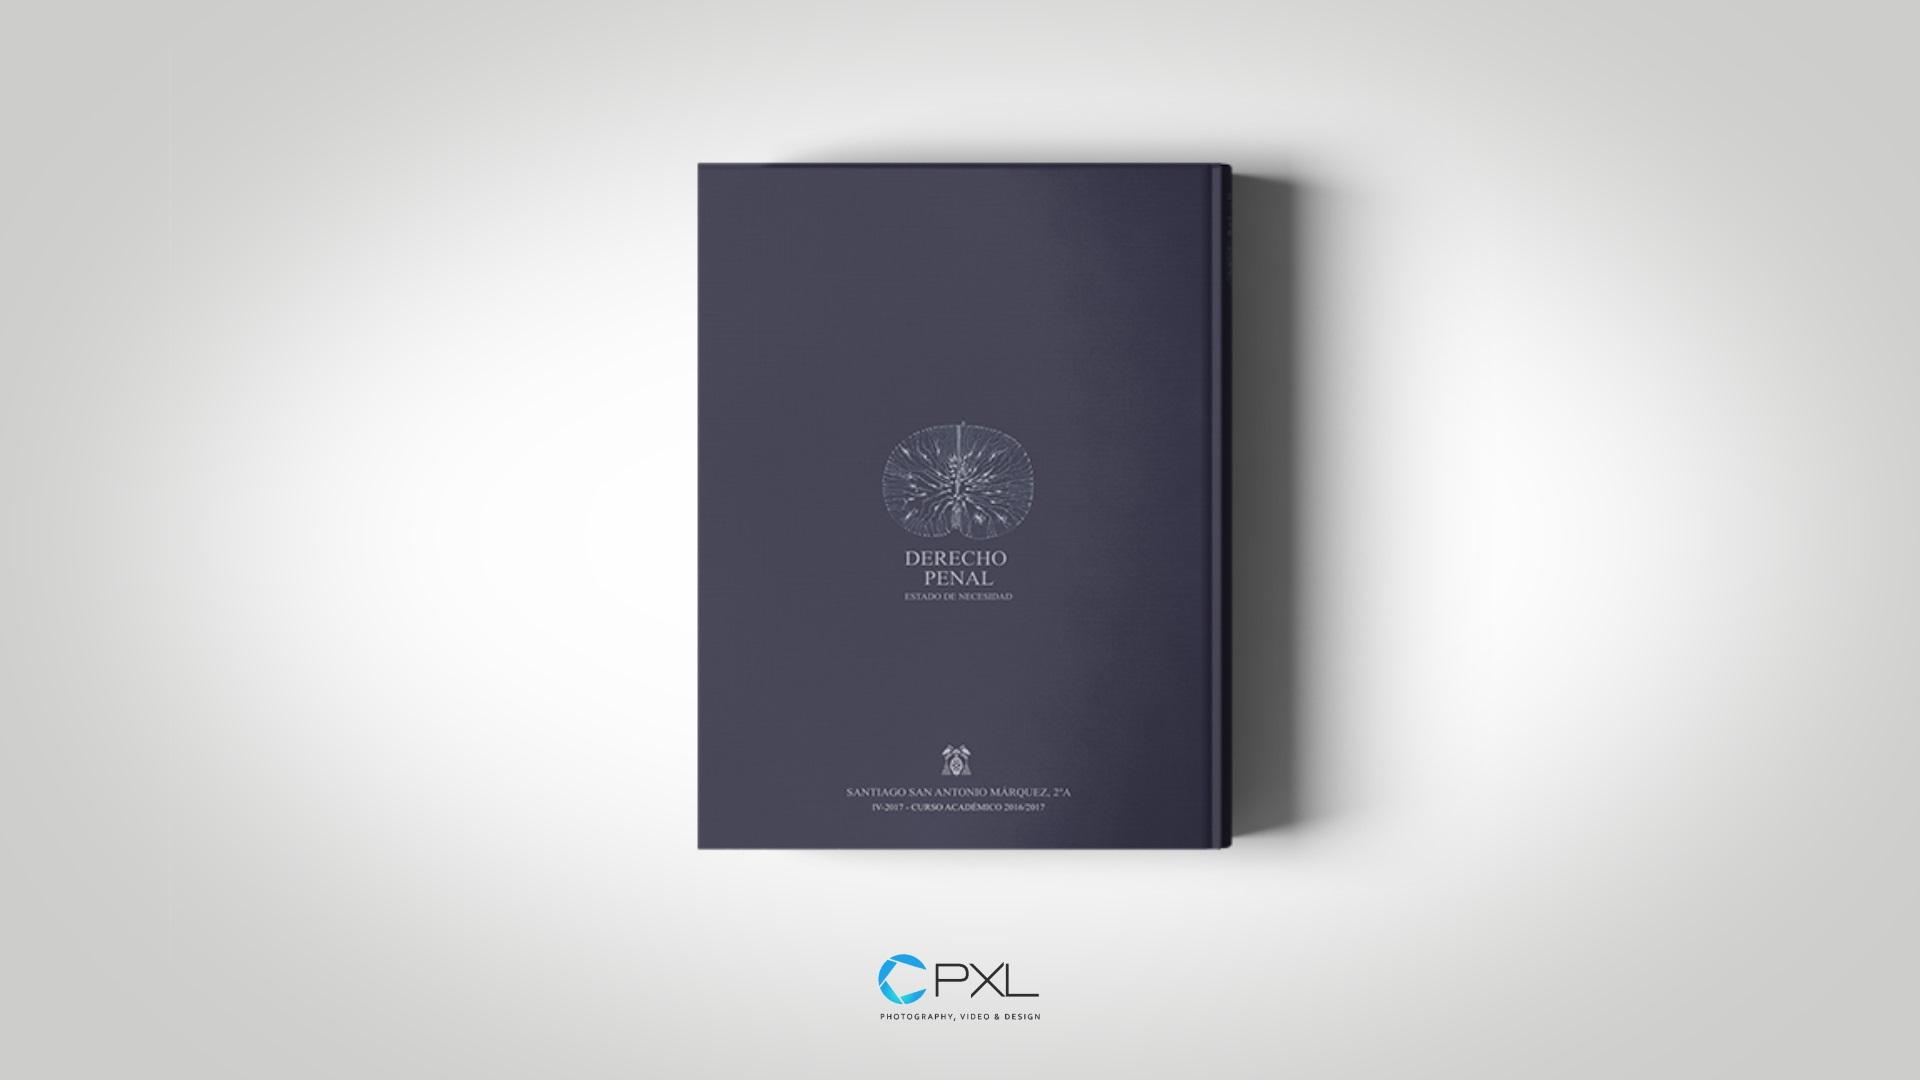 Diseño portada libro - Derecho penal: parte general (Universidad de Alcalá)